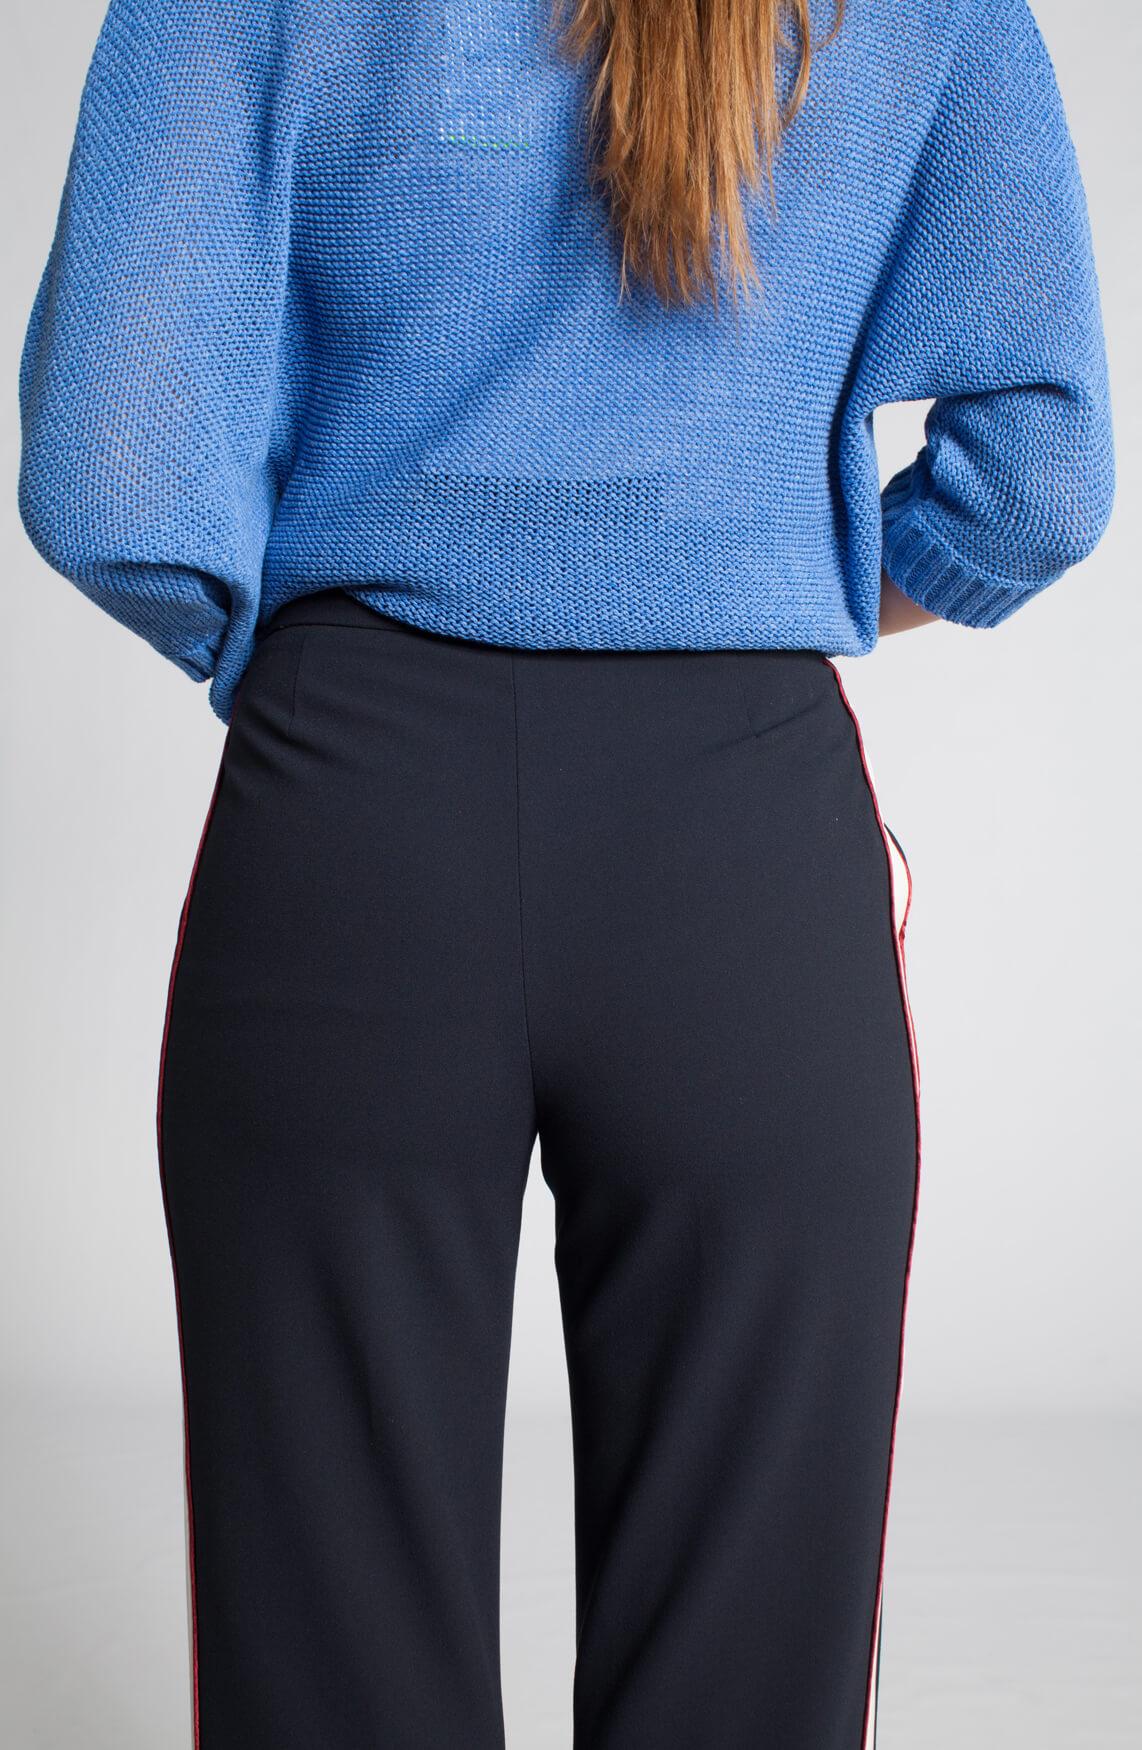 Mos Mosh Dames Hannah pantalon 0